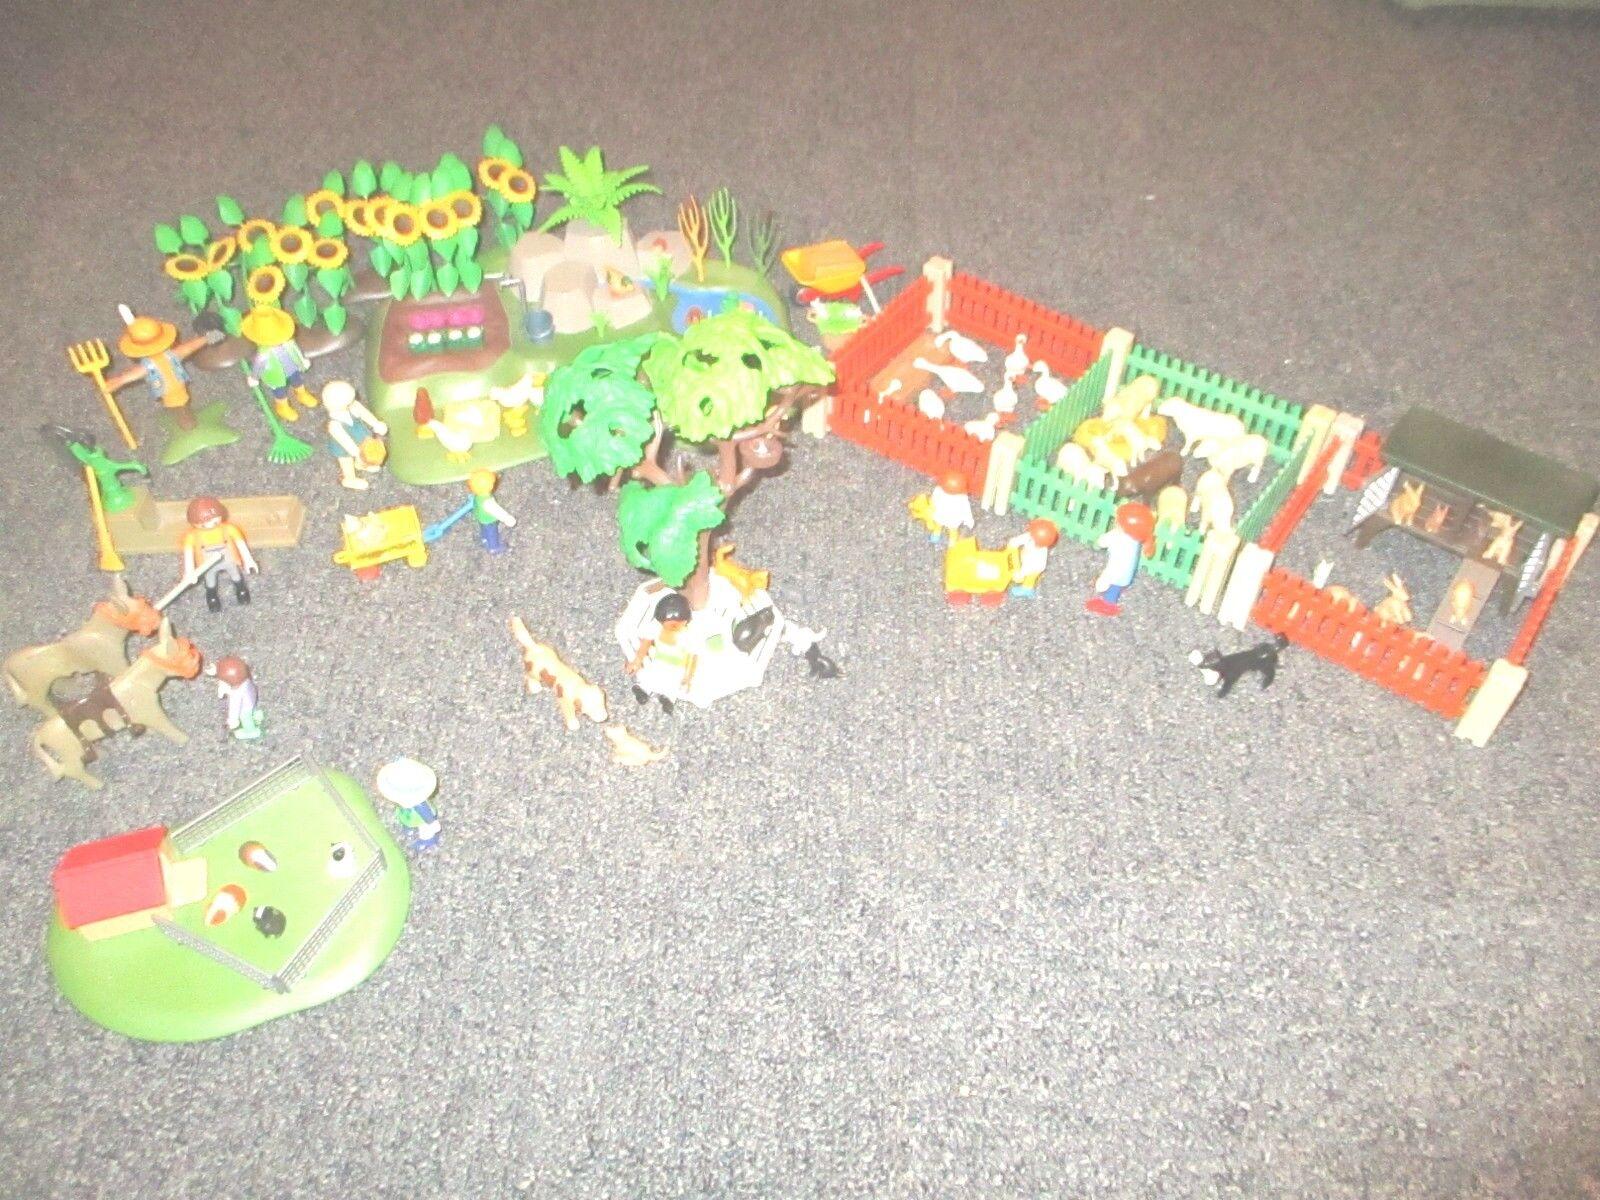 Playmobil - Großer Streichelzoo mit viel Zubehör